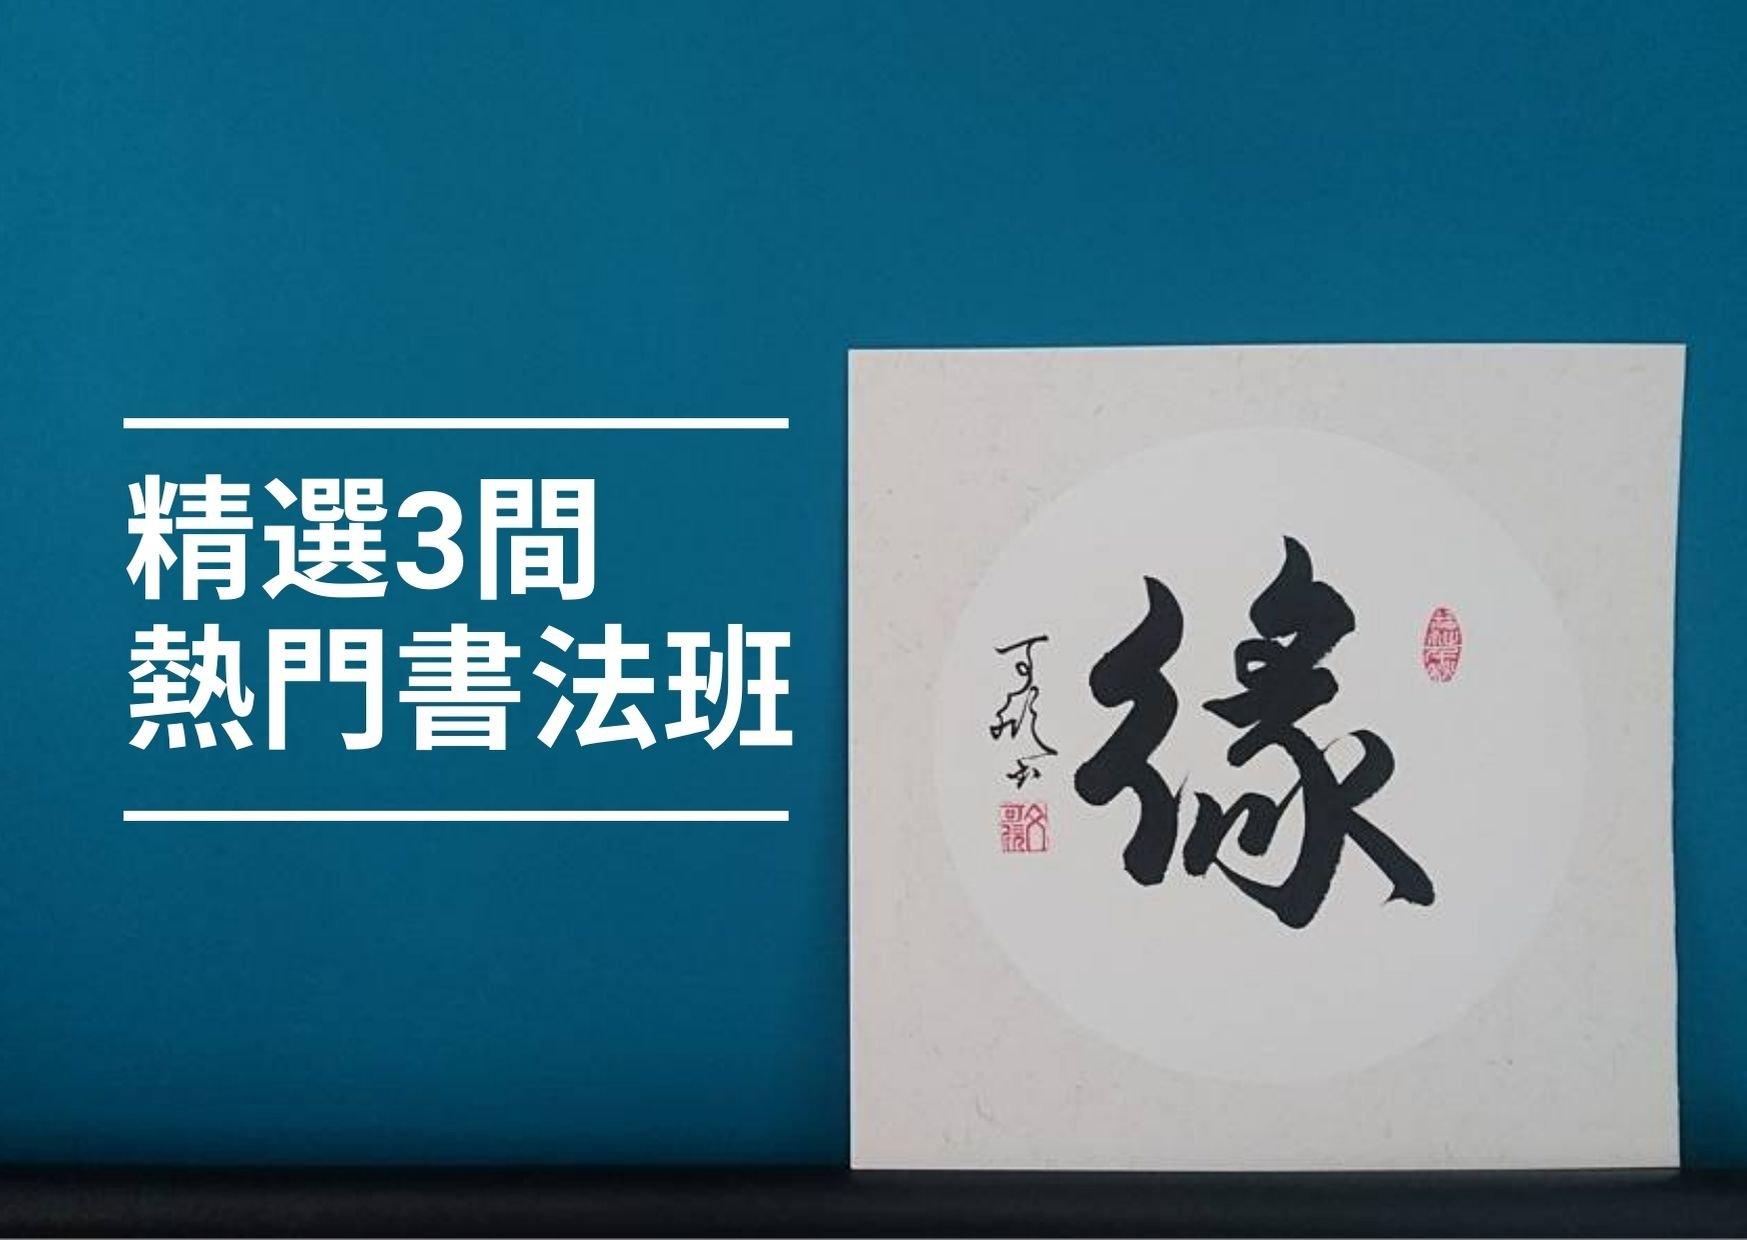 【中文書法】2021必試!3間香港熱門中文書法班